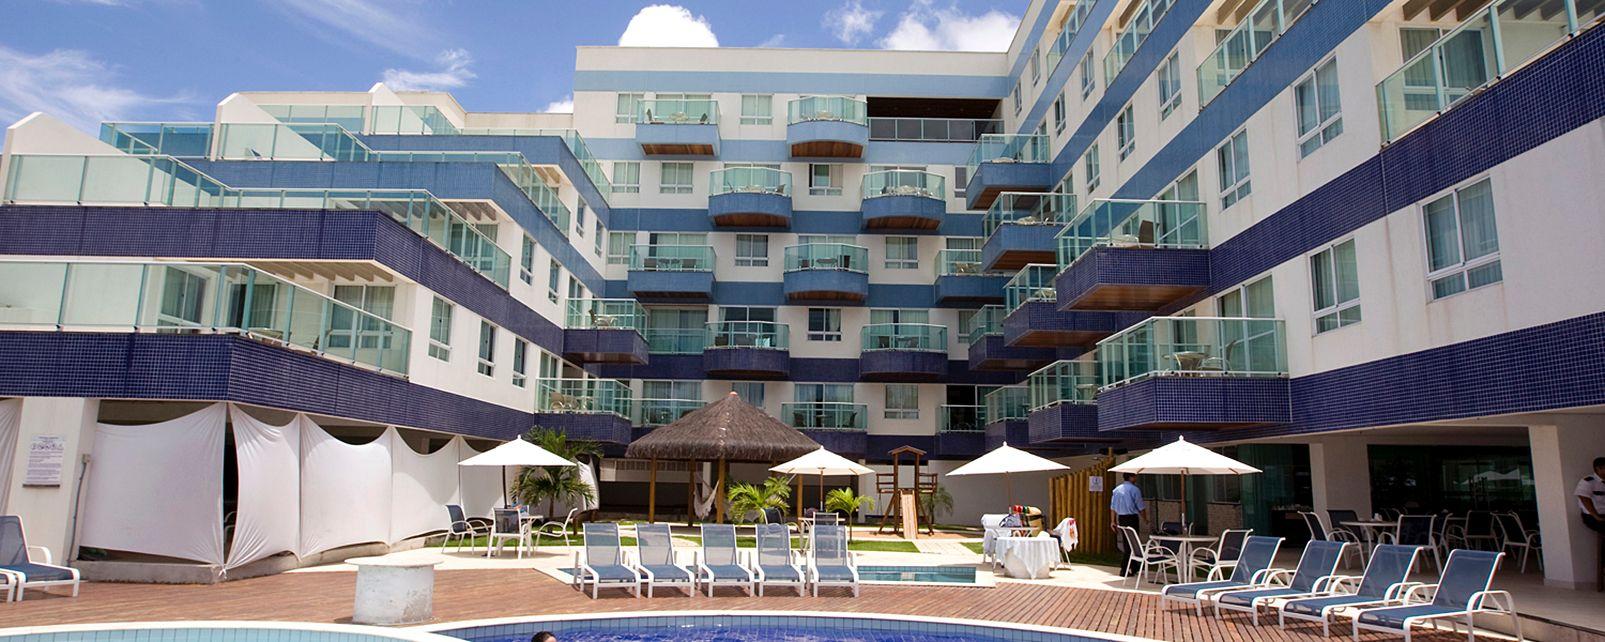 Hotel Coral Plaza